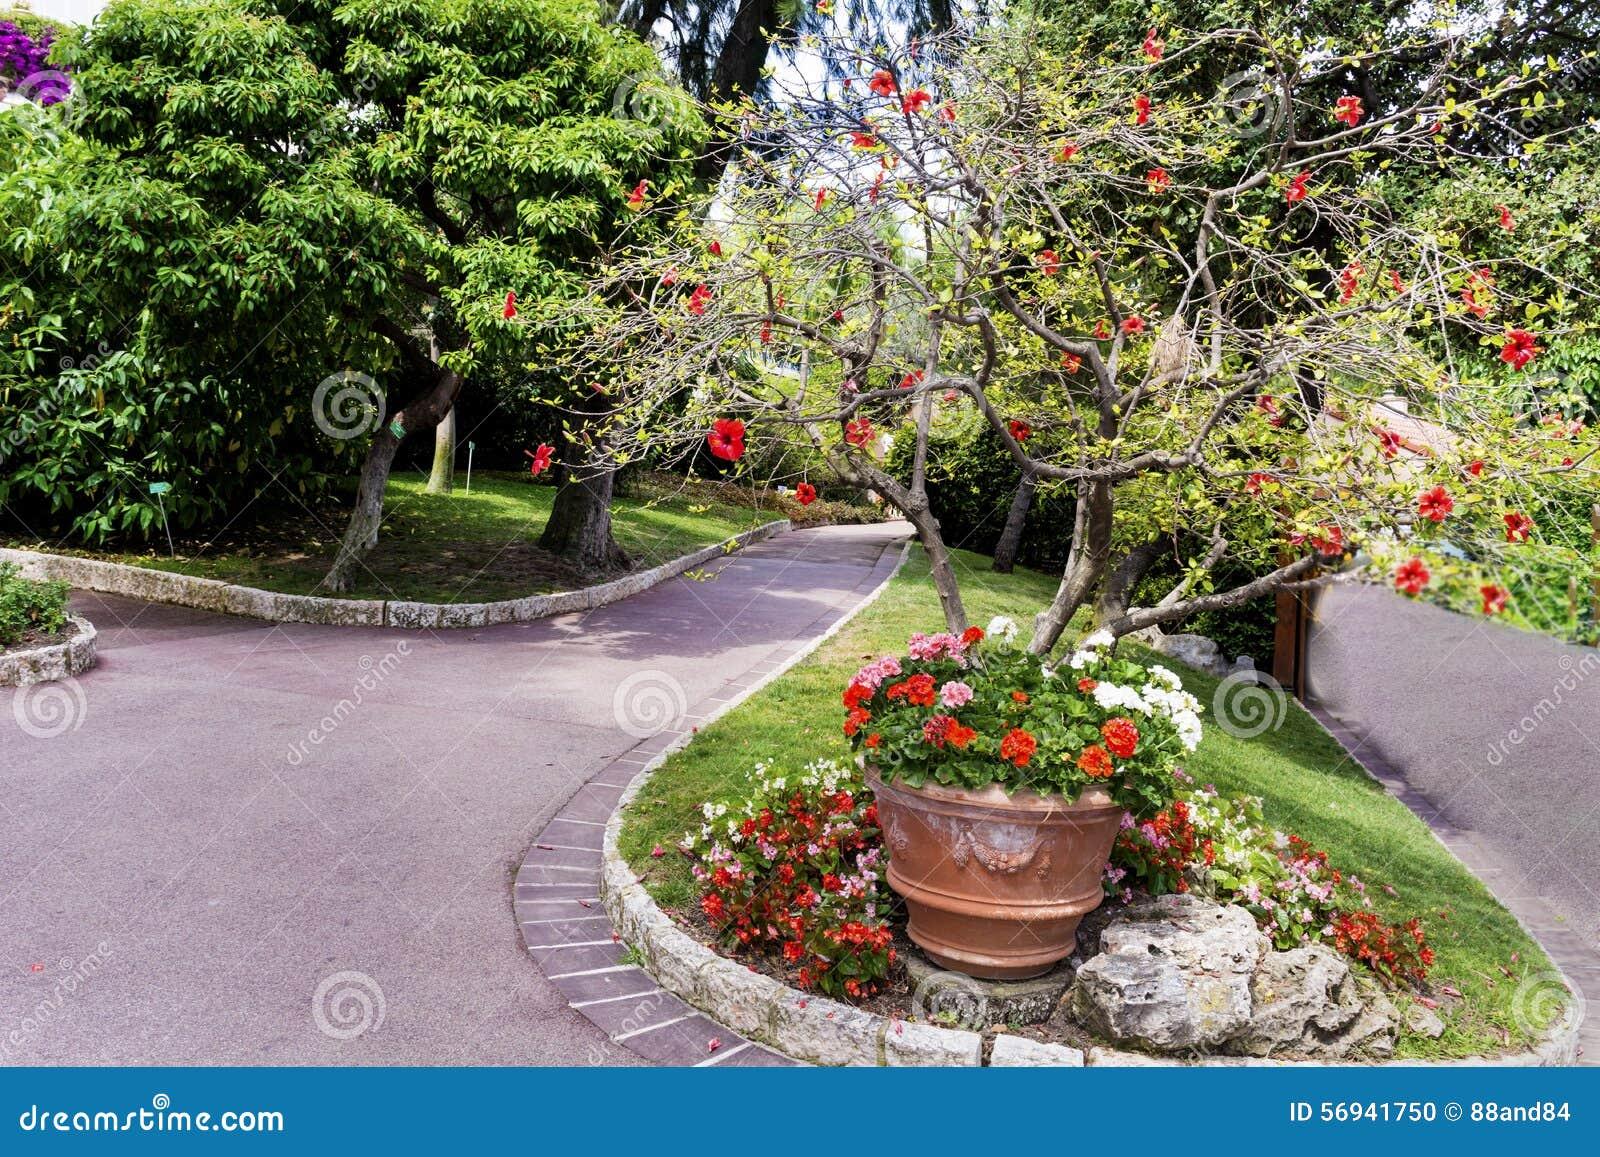 Schöner Exotischer Garten In Monaco Stockfoto Bild Von Anziehungen